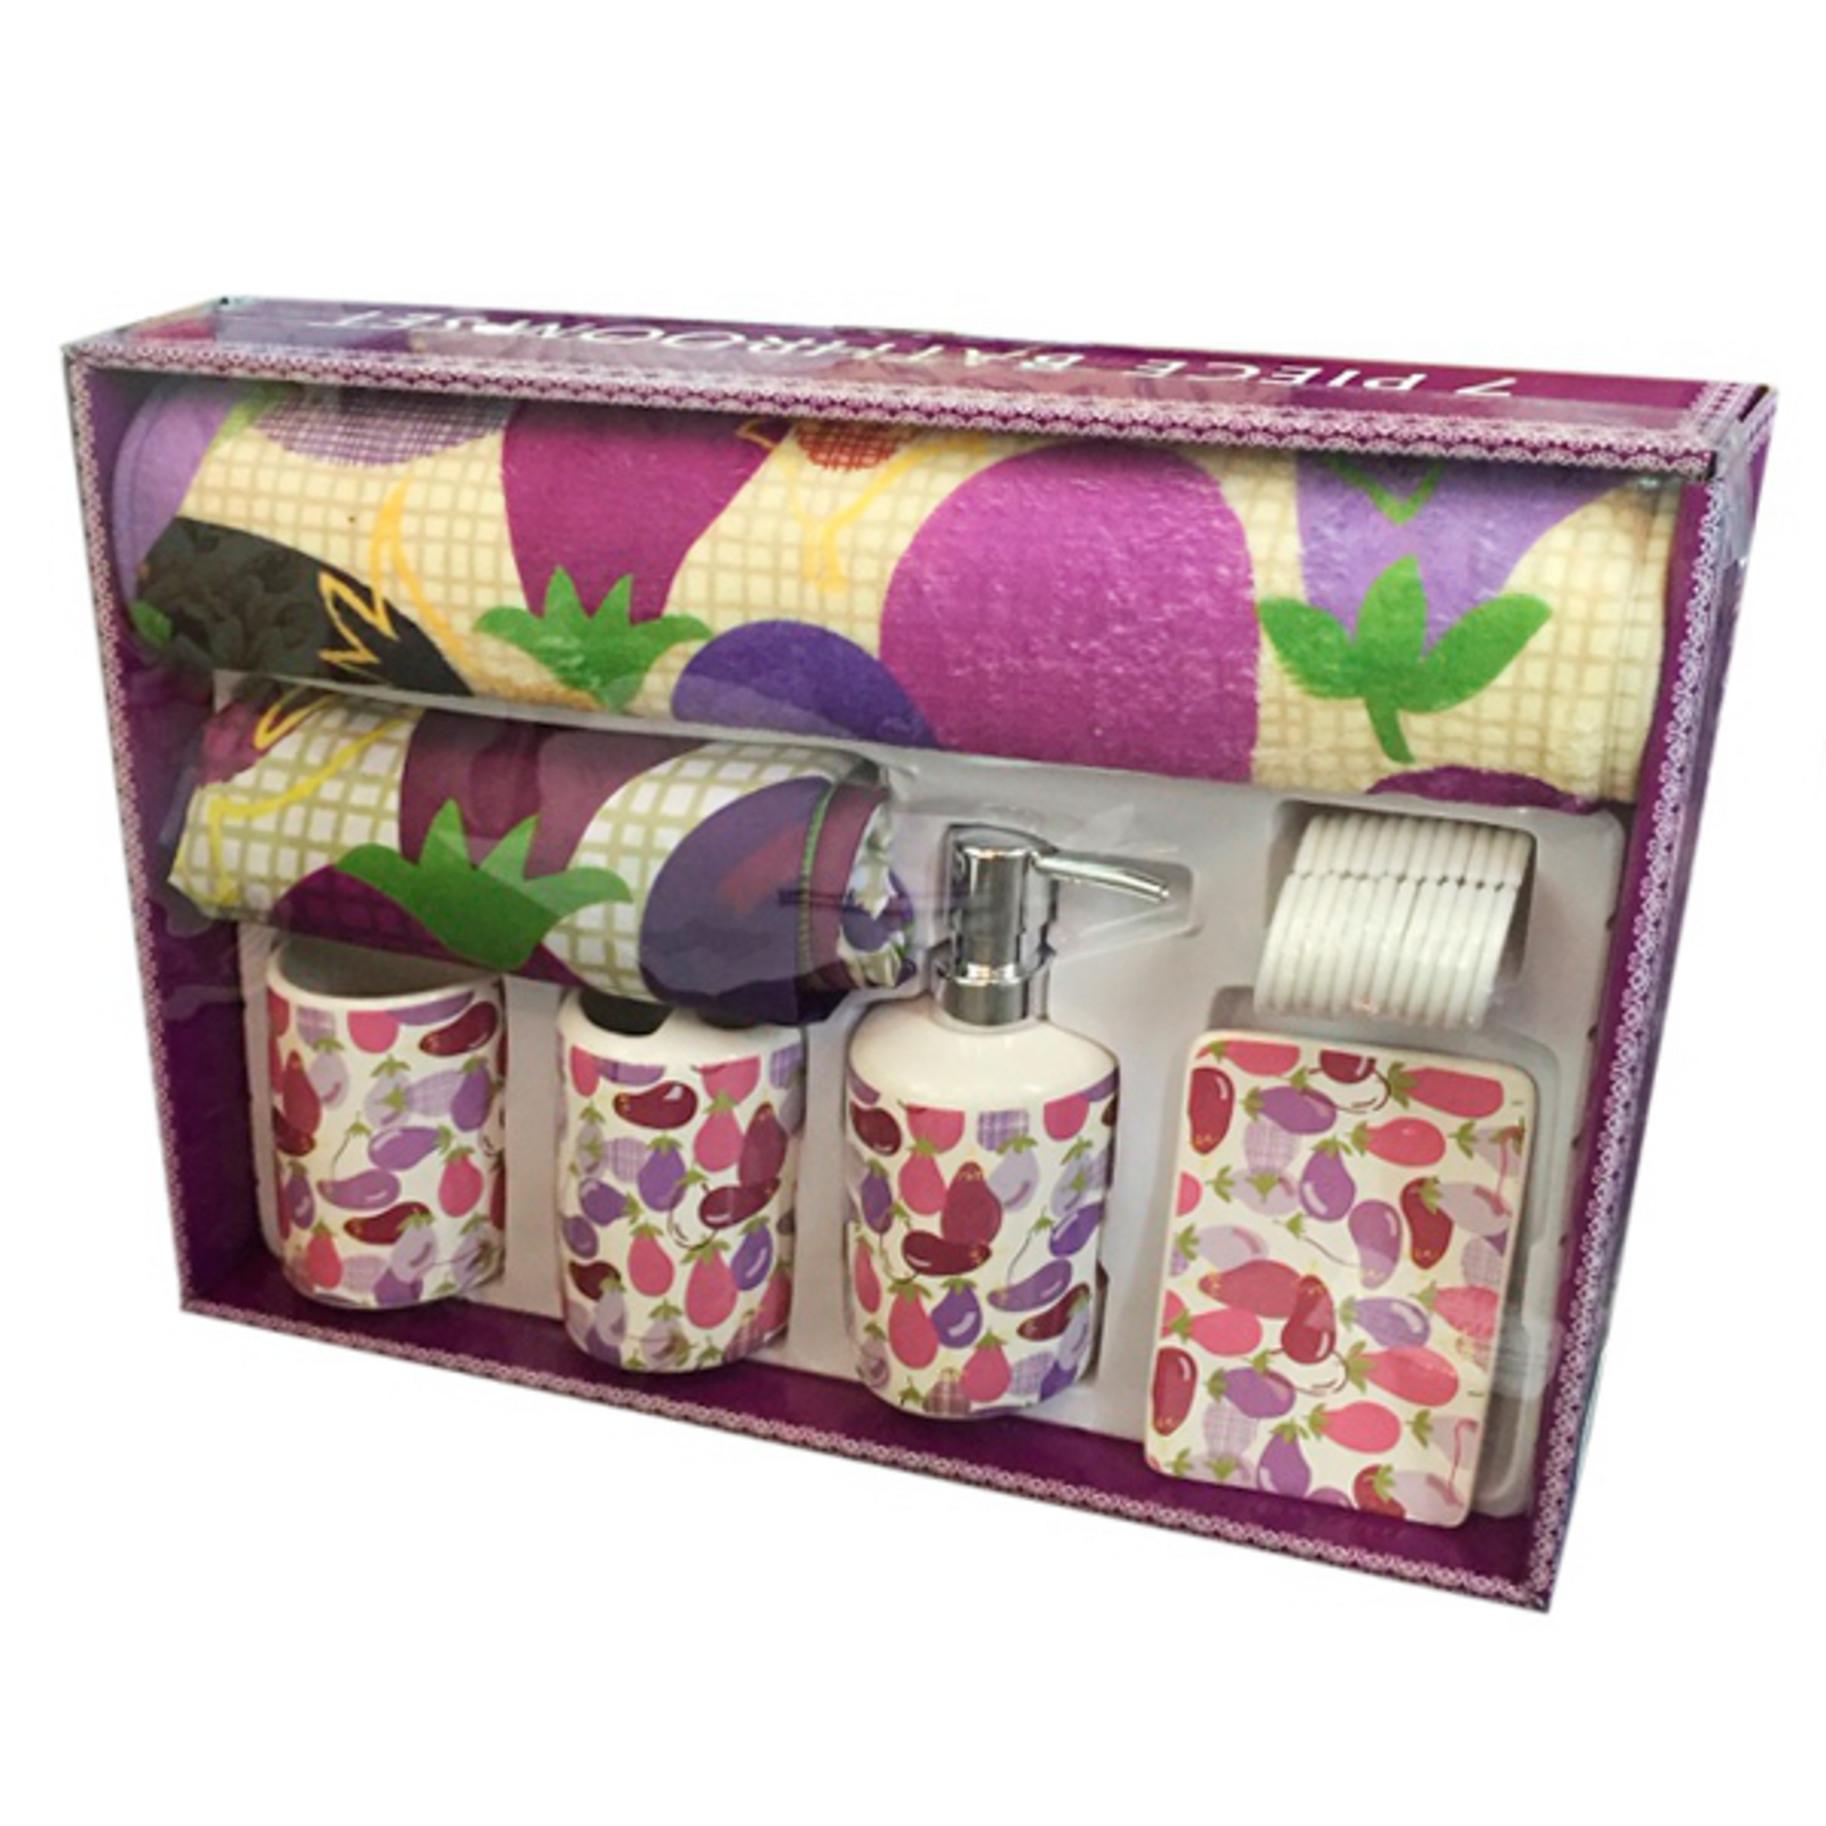 Набор для ванной комнаты - дозатор, мыльница, 2 стакана, штора, коврик